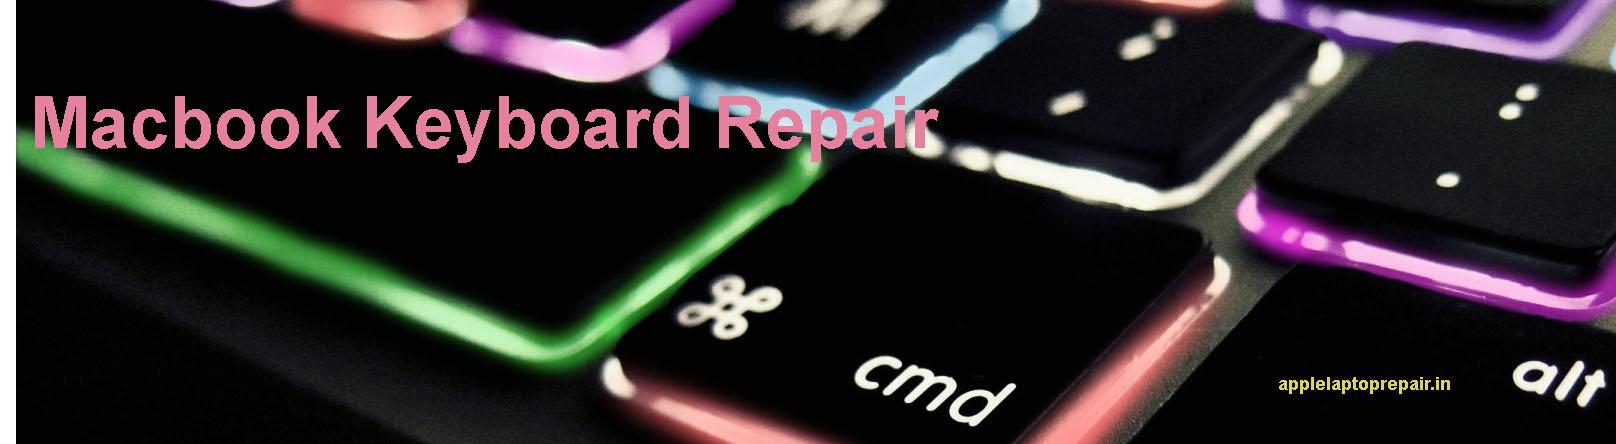 macbook_keyboard_repair_slider-copy